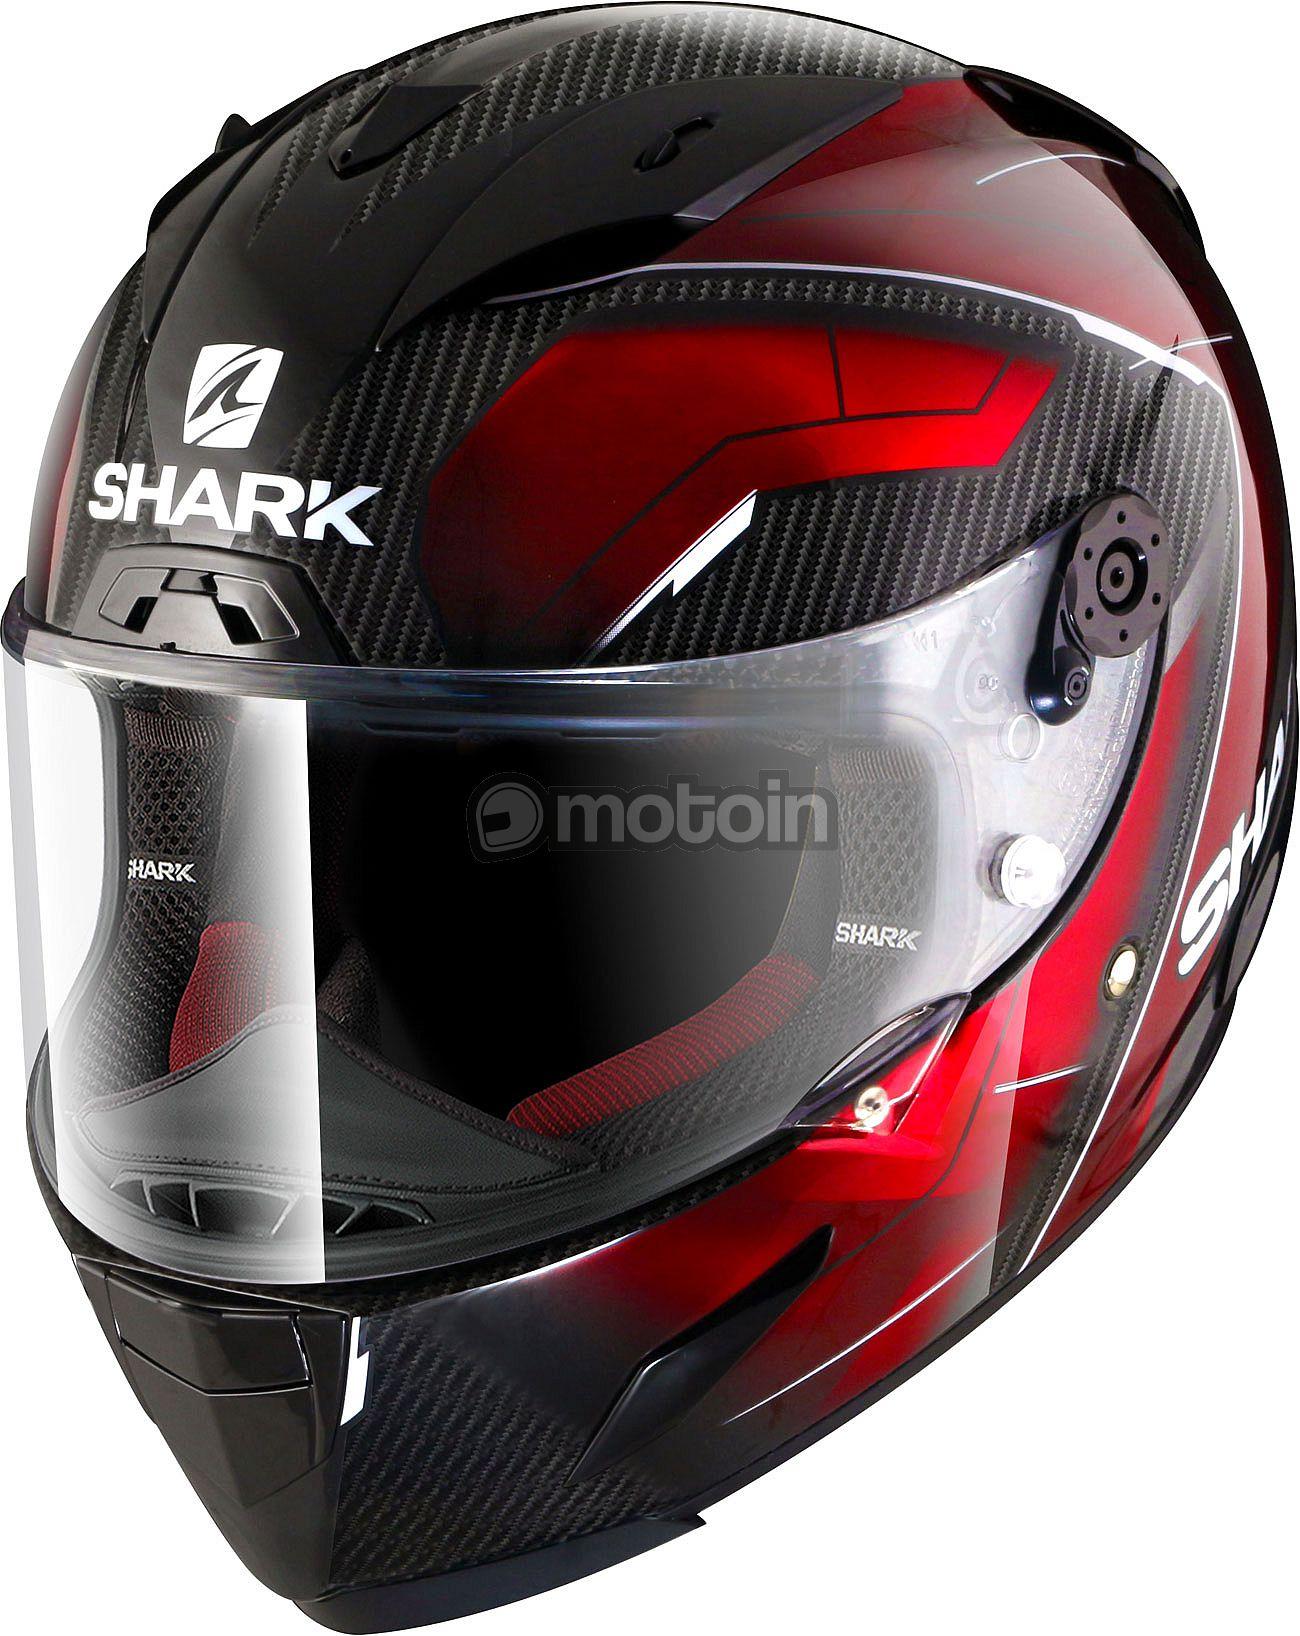 shark race r pro carbon deager integralhelm. Black Bedroom Furniture Sets. Home Design Ideas